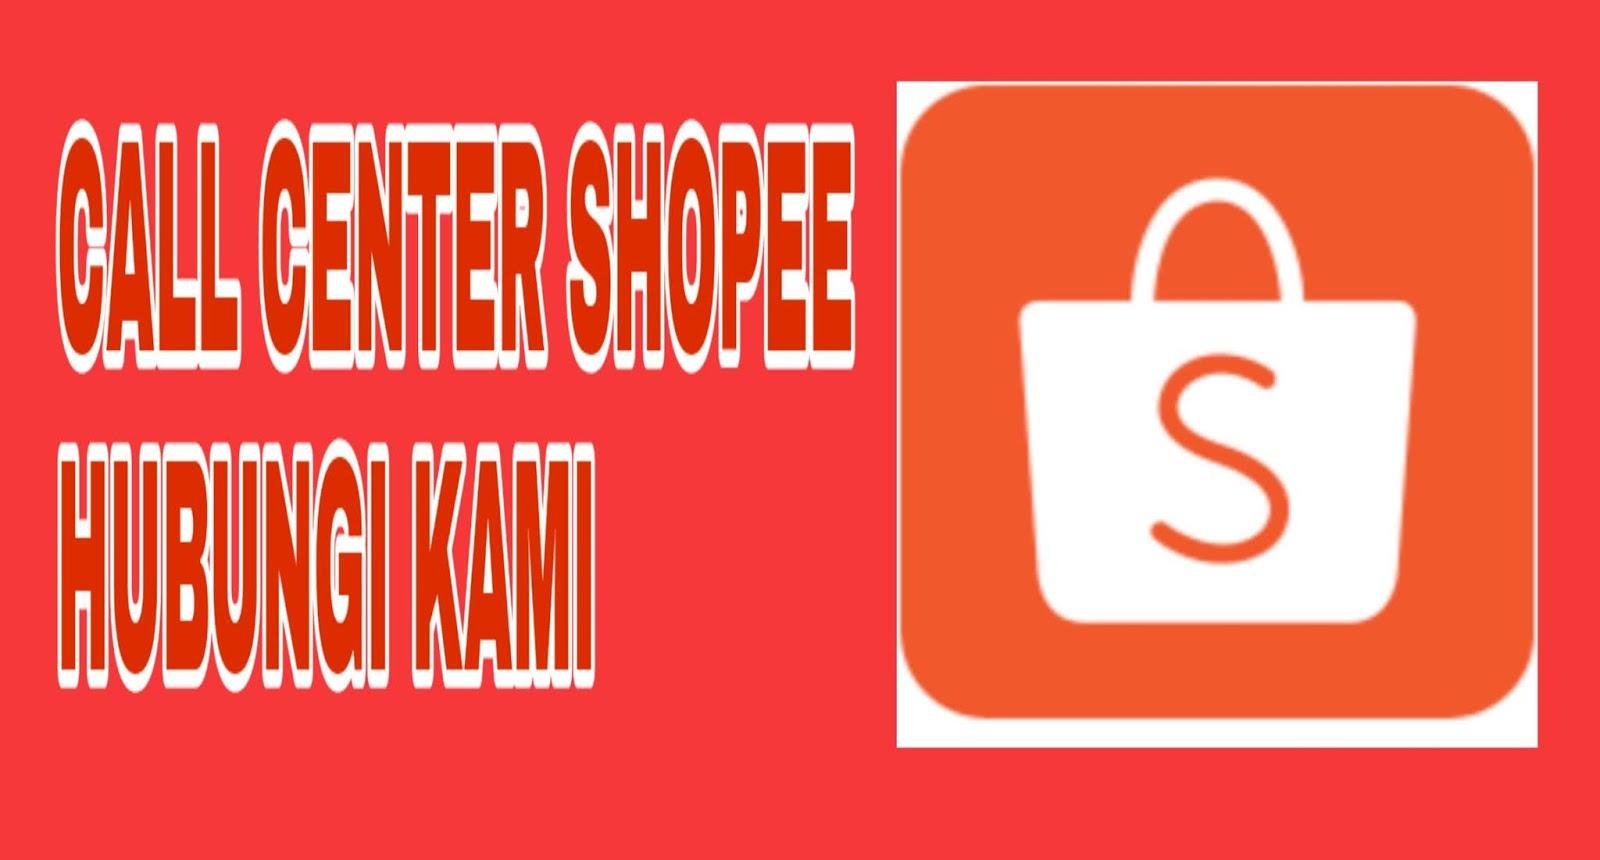 Call Center Shopee Gratis Pulsa 24 Jam Terbaru 2020 Cbbdblog Net